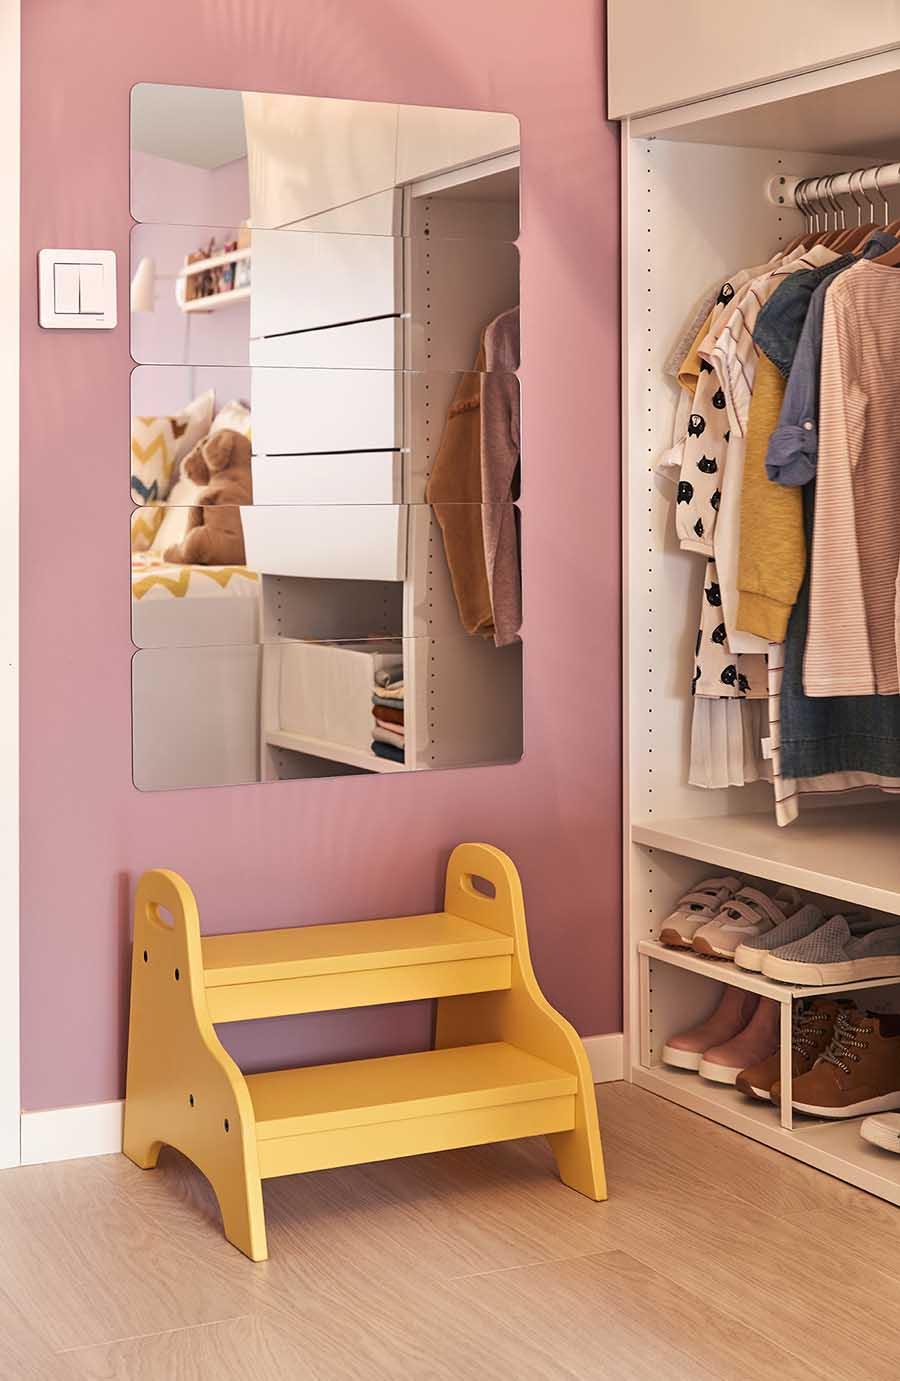 catálogo ikea 2020 the lab home españa dormitorio espejo niños y taburete escalón amarillo